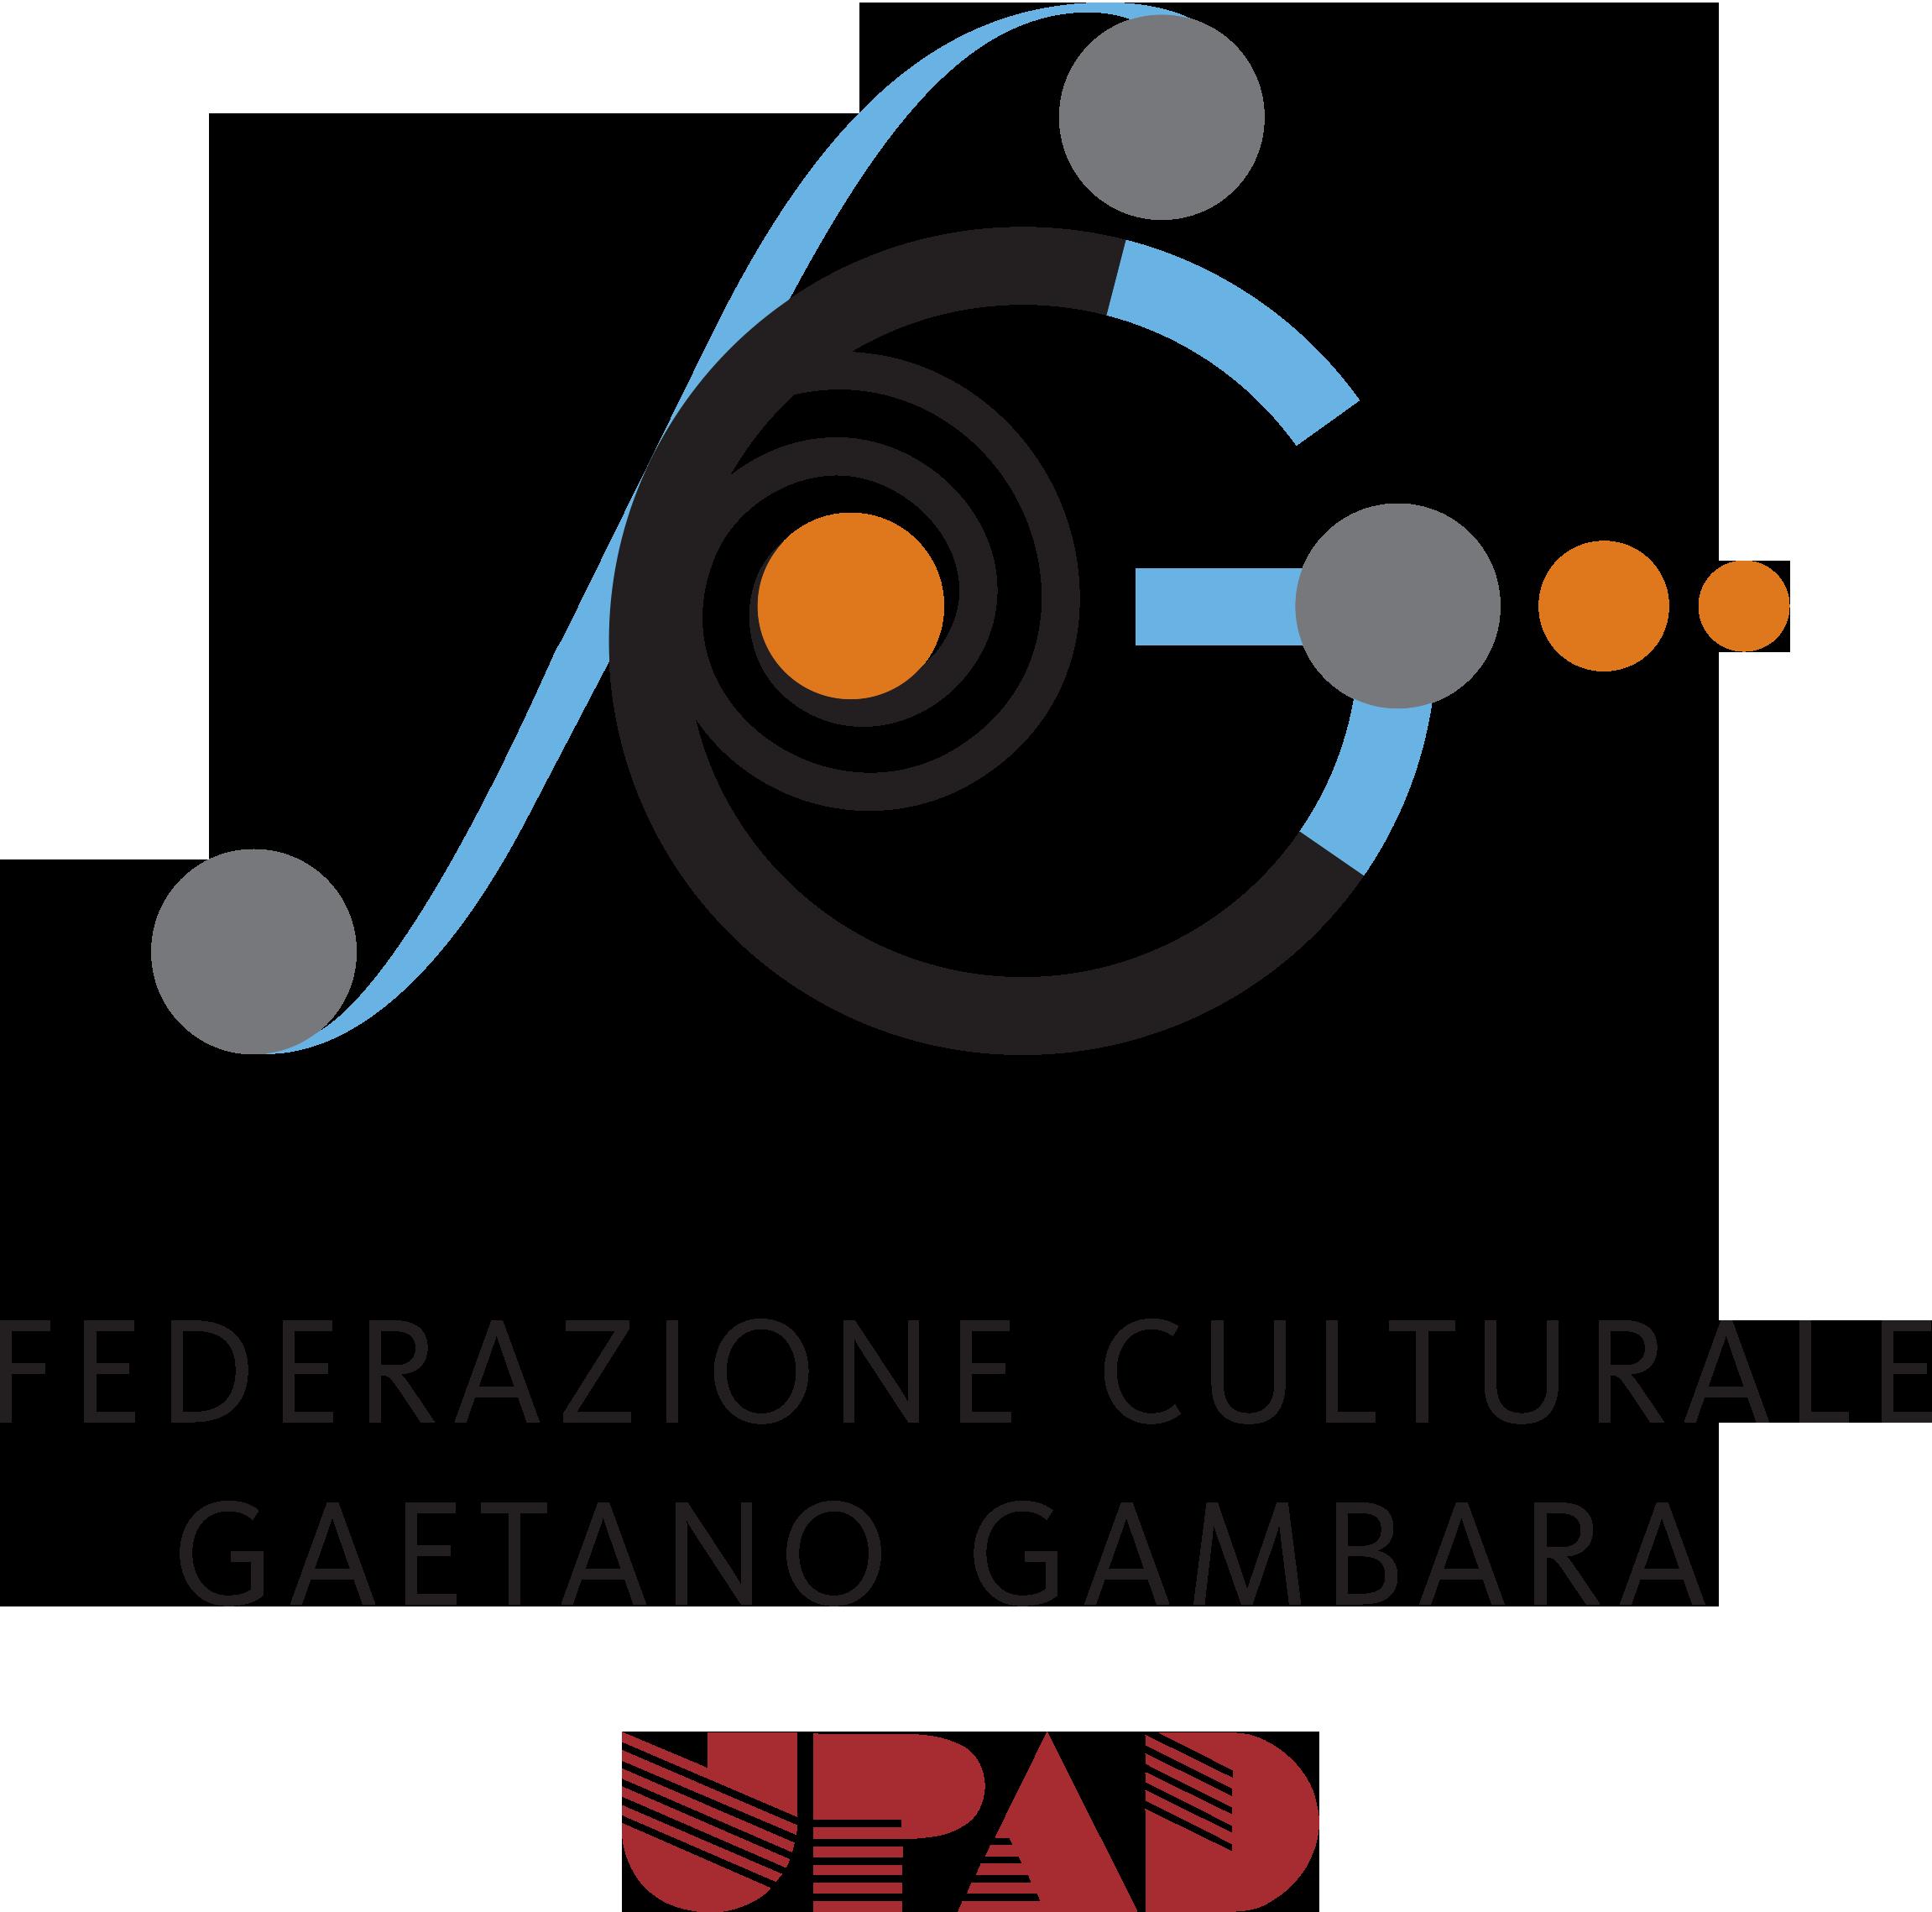 Federazione culturale Gaetano Gambara